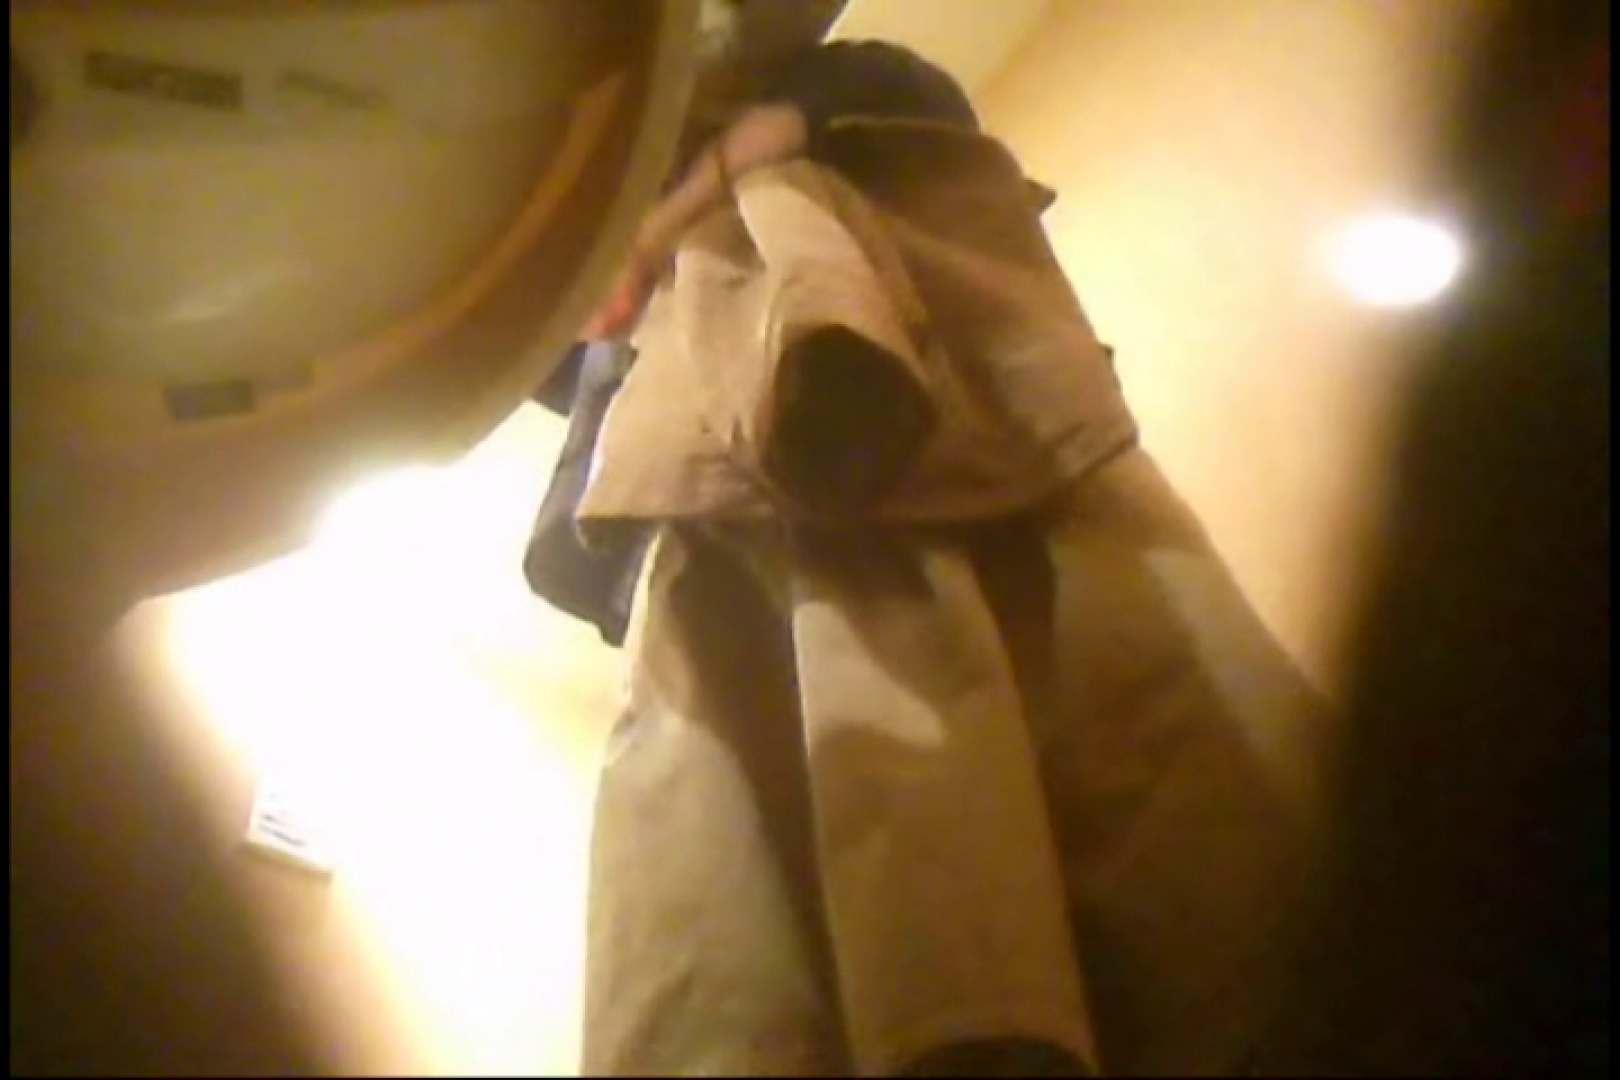 潜入!!女子化粧室盗撮~絶対見られたくない時間~vo,83 熟女のエロ動画 オメコ動画キャプチャ 105PIX 11